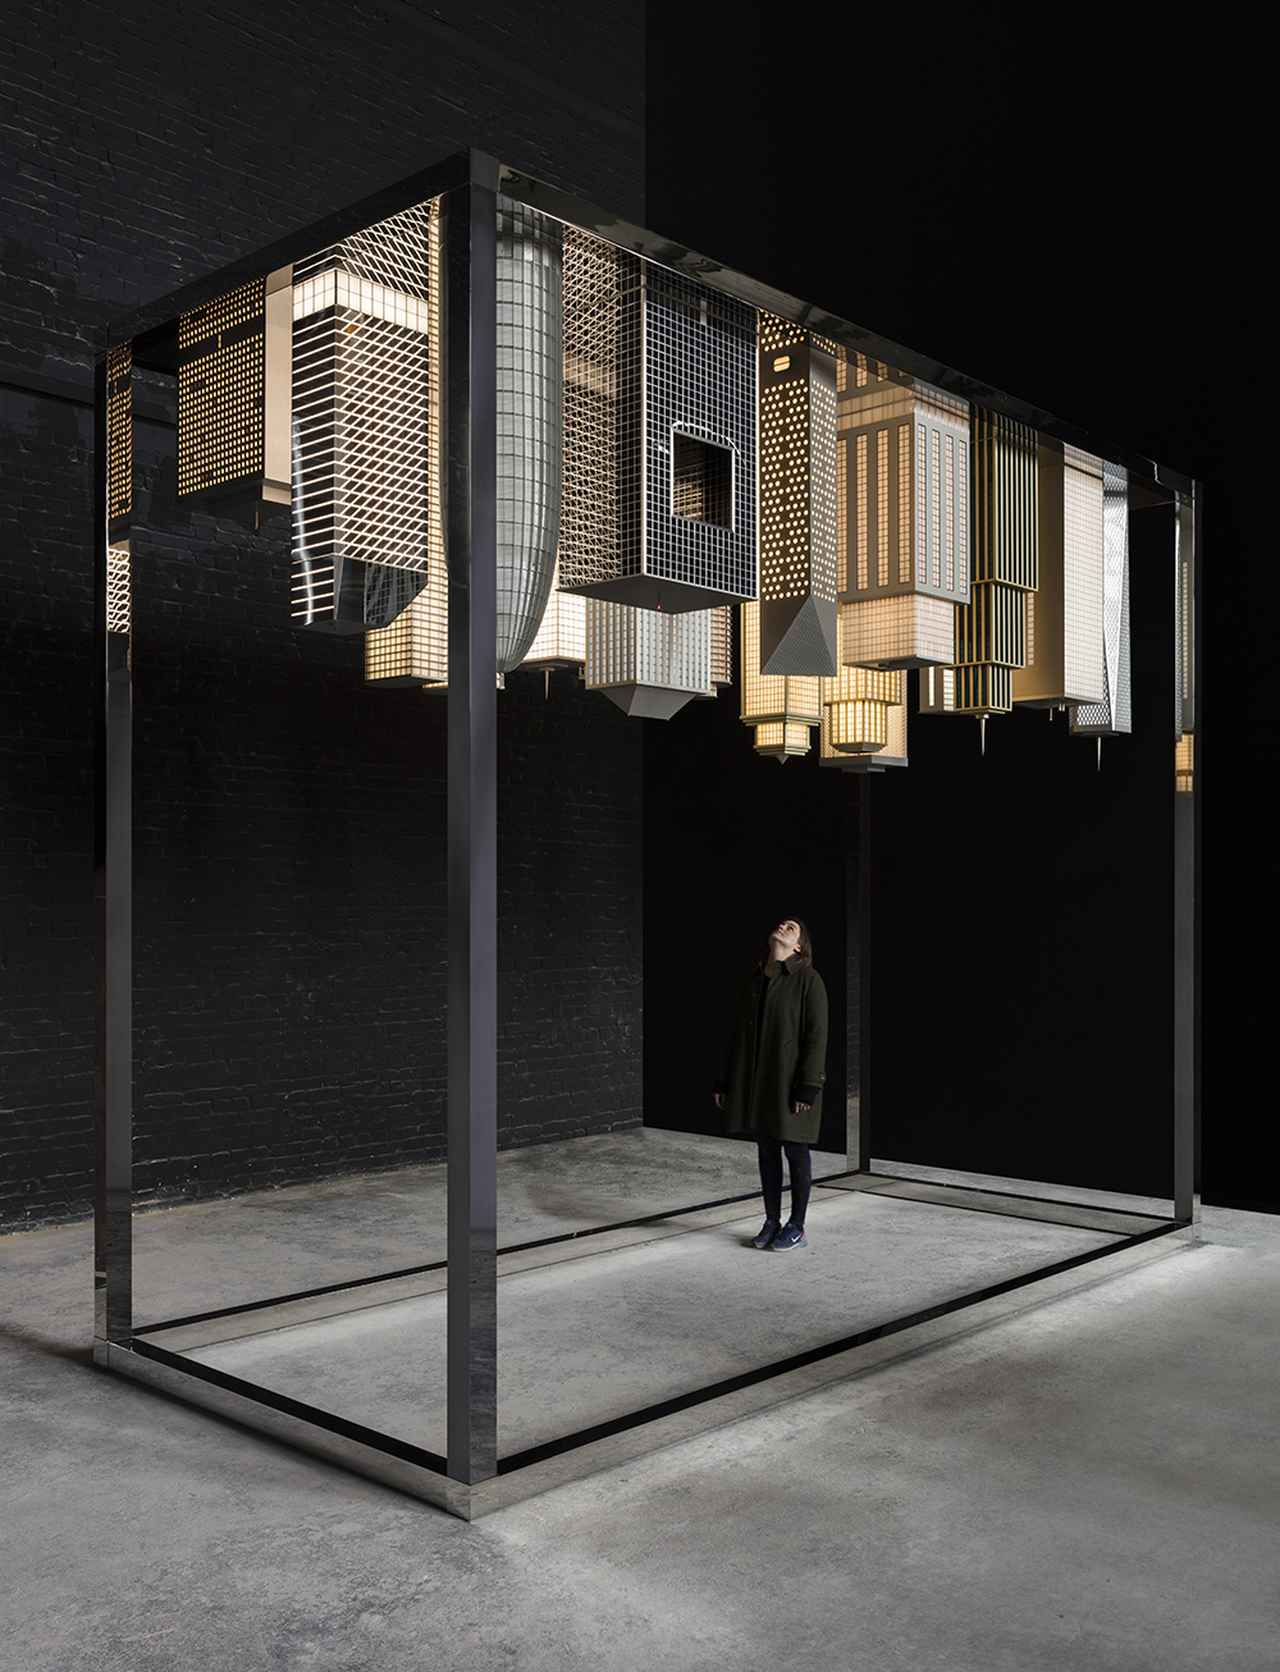 Images : 3番目の画像 - 「アジアのアートの爆心地 アートバーゼル 香港 2019 ハイライト」のアルバム - T JAPAN:The New York Times Style Magazine 公式サイト